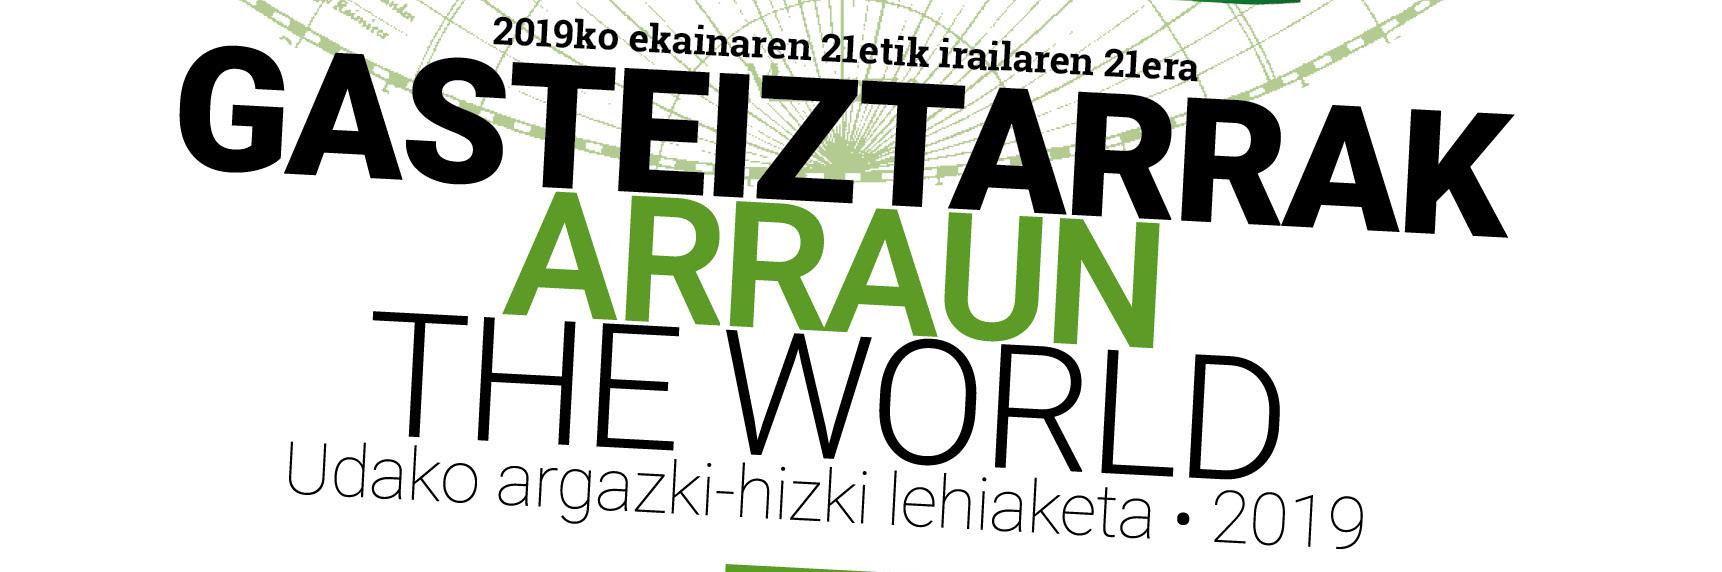 Gasteiztarrak Arraun The World concurso de fotografías y letras